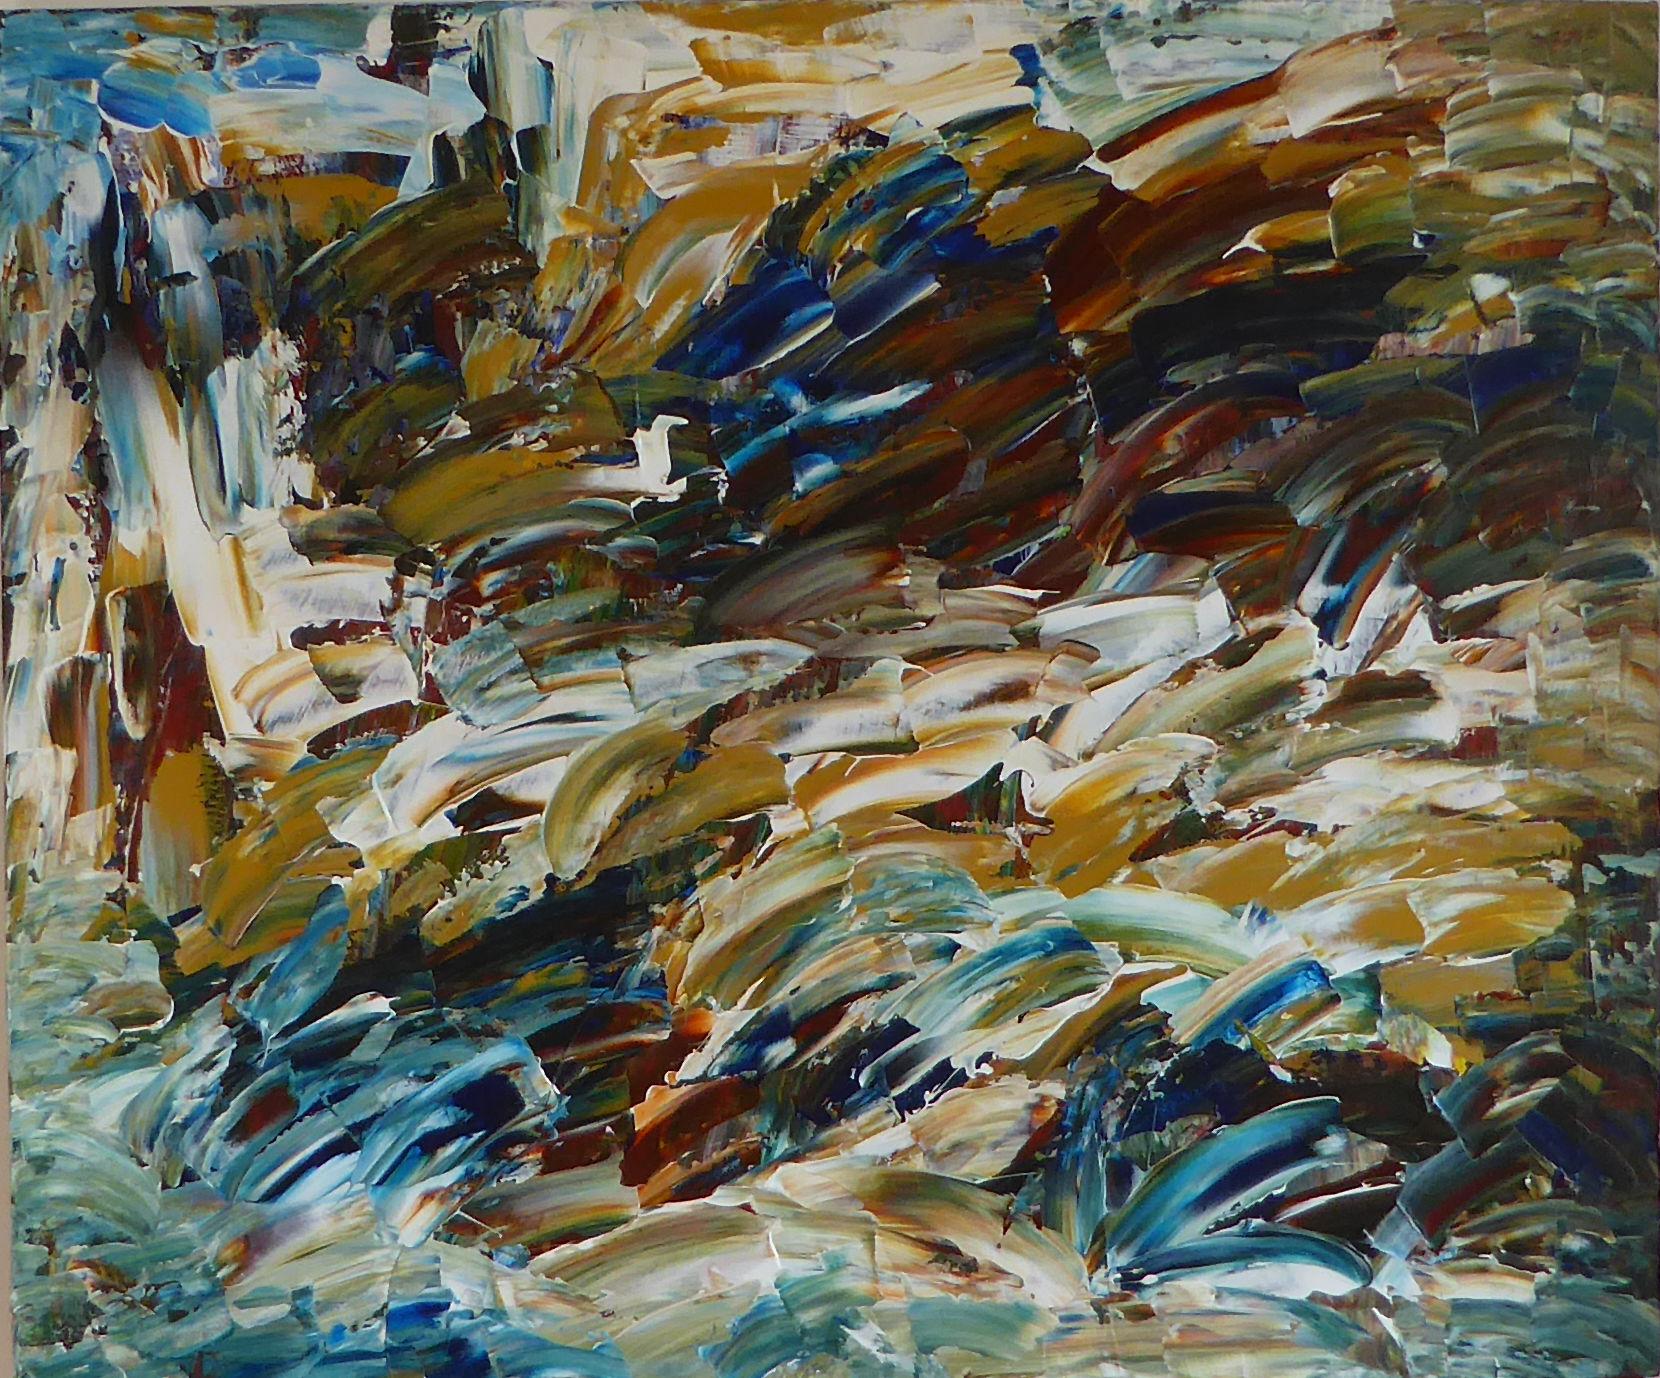 Deluge - Acrylic on wood panel